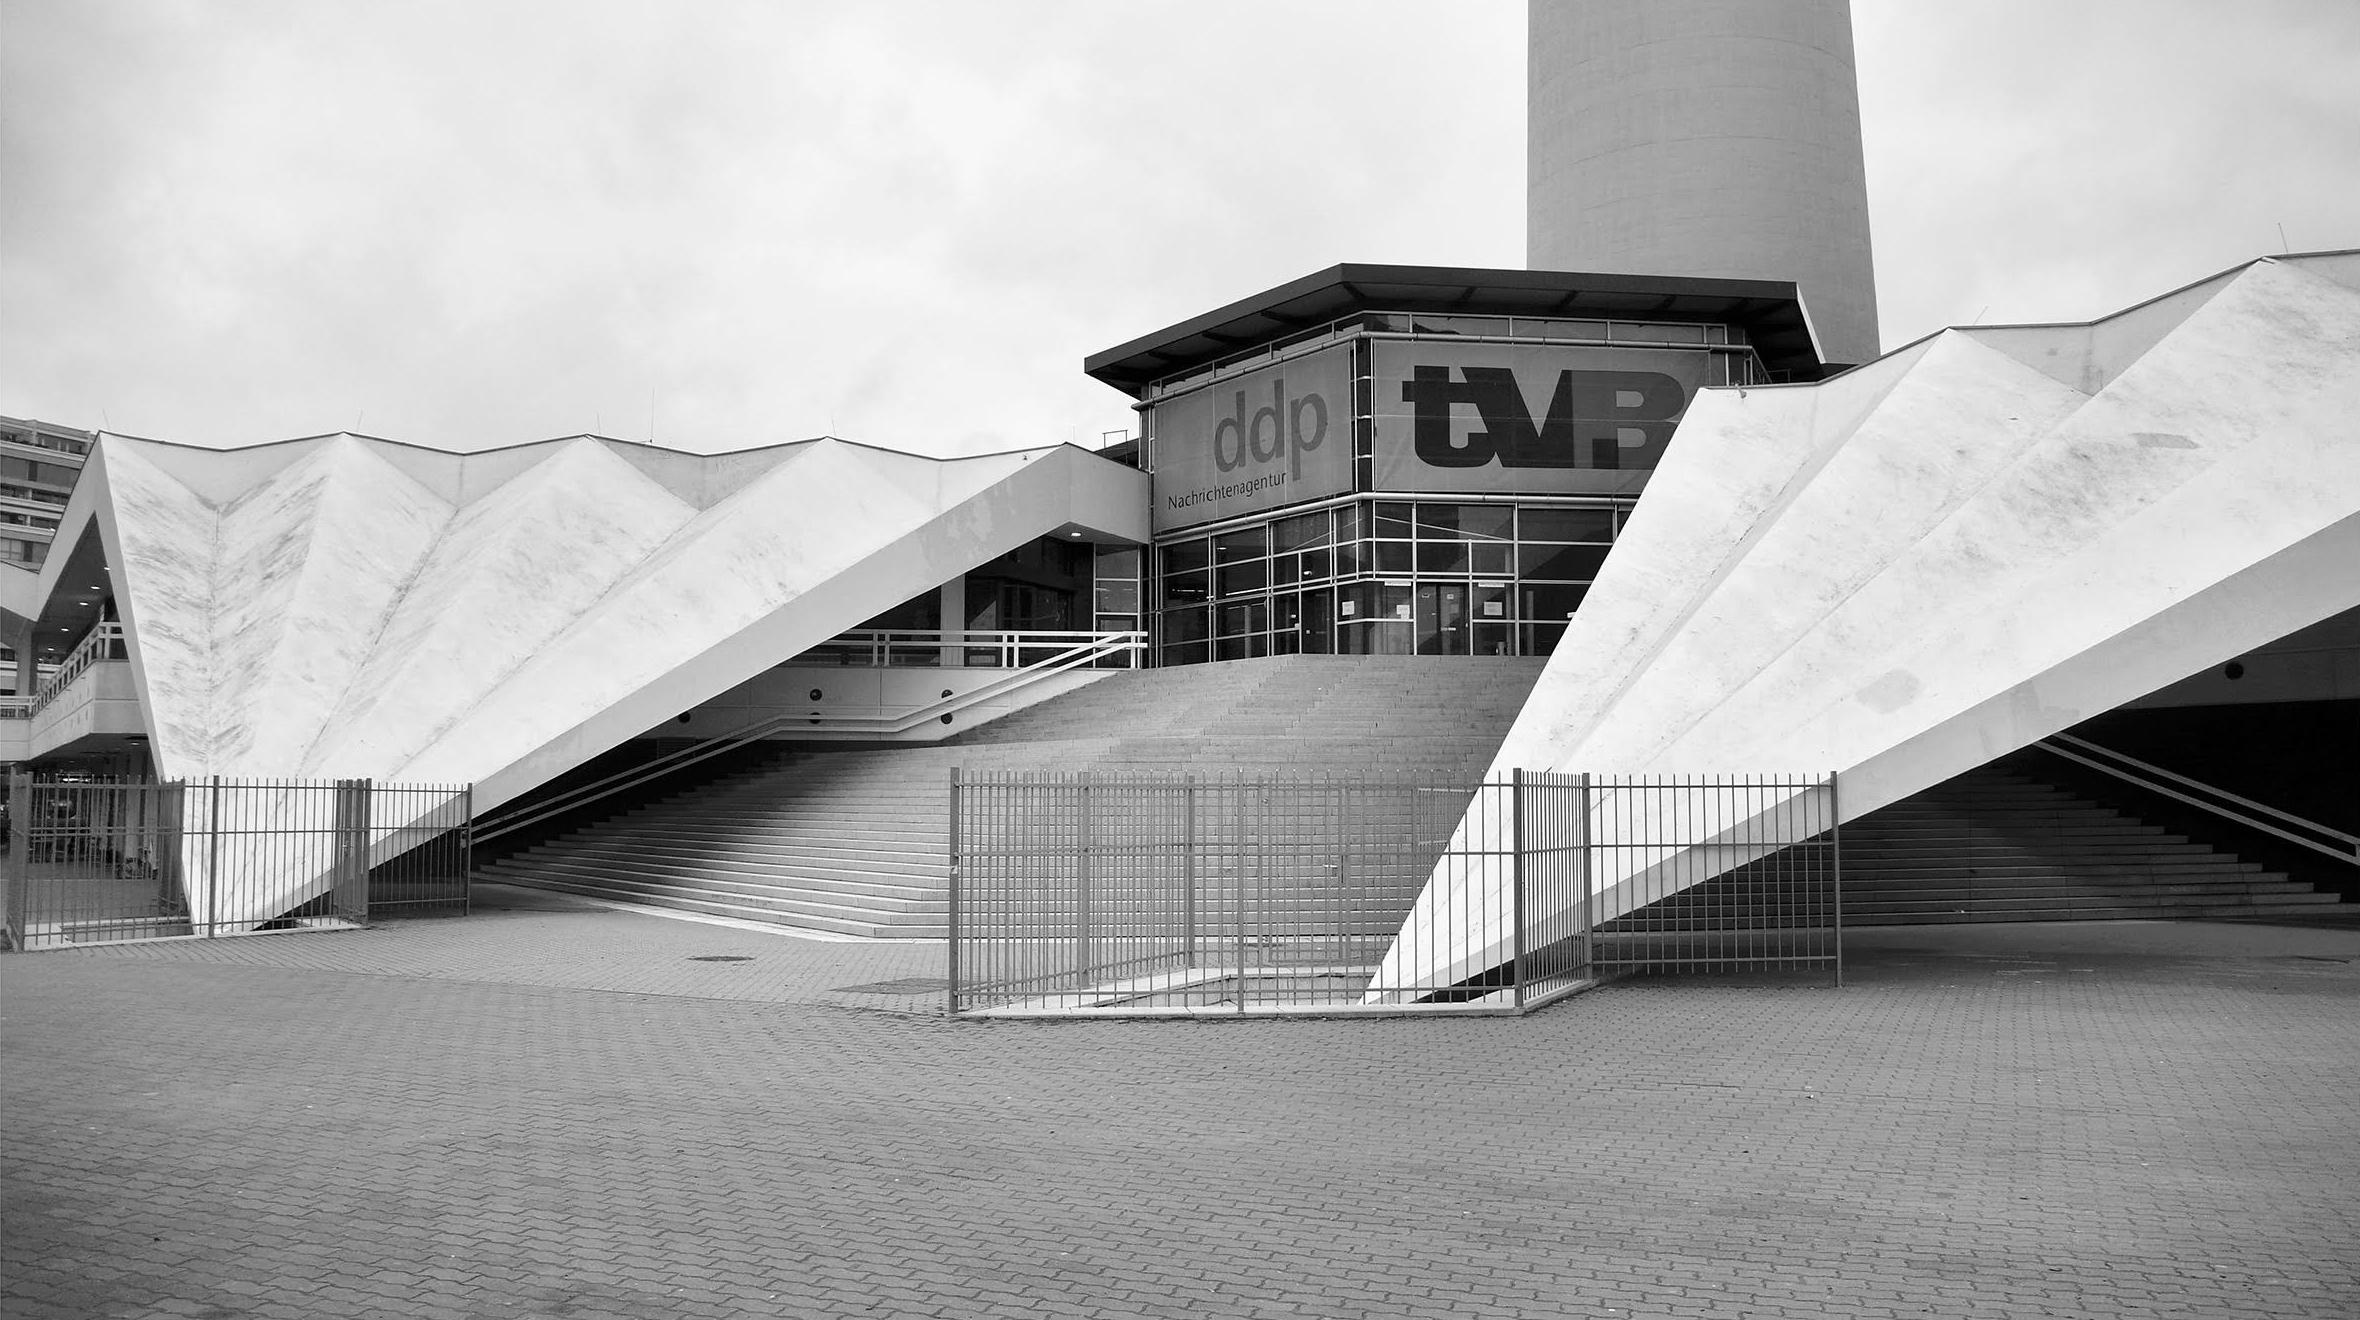 rg_02 Fotografie Barytpapier 28 x 44 cm 2008   Kunsthalle Rostock, Schenkung des Künstlers und der Galerie EIGEN + ART Leipzig/Berlin VG Bild-Kunst Bonn 2018